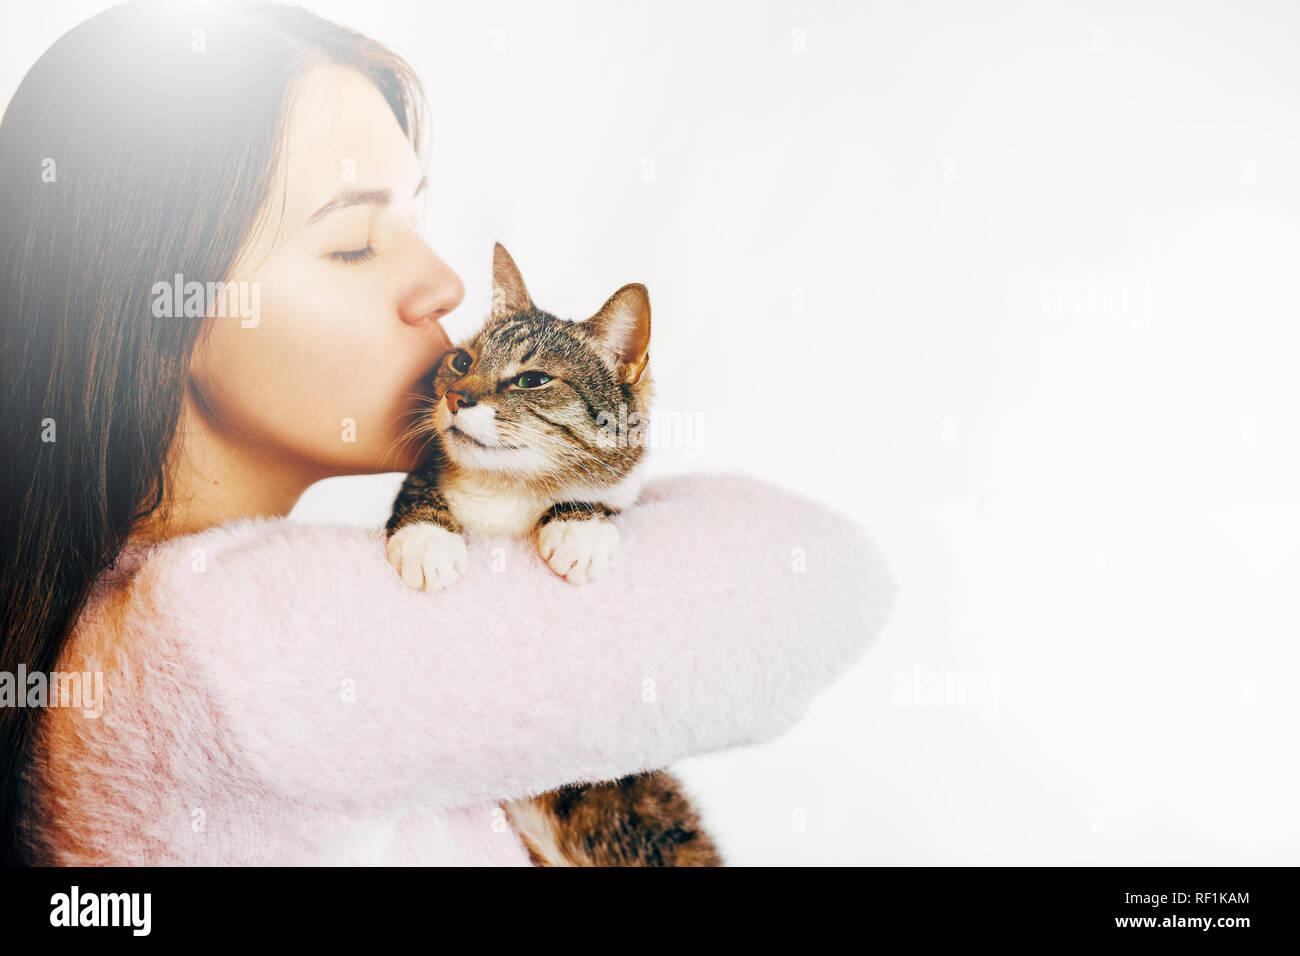 adolescent fille chatte lécher